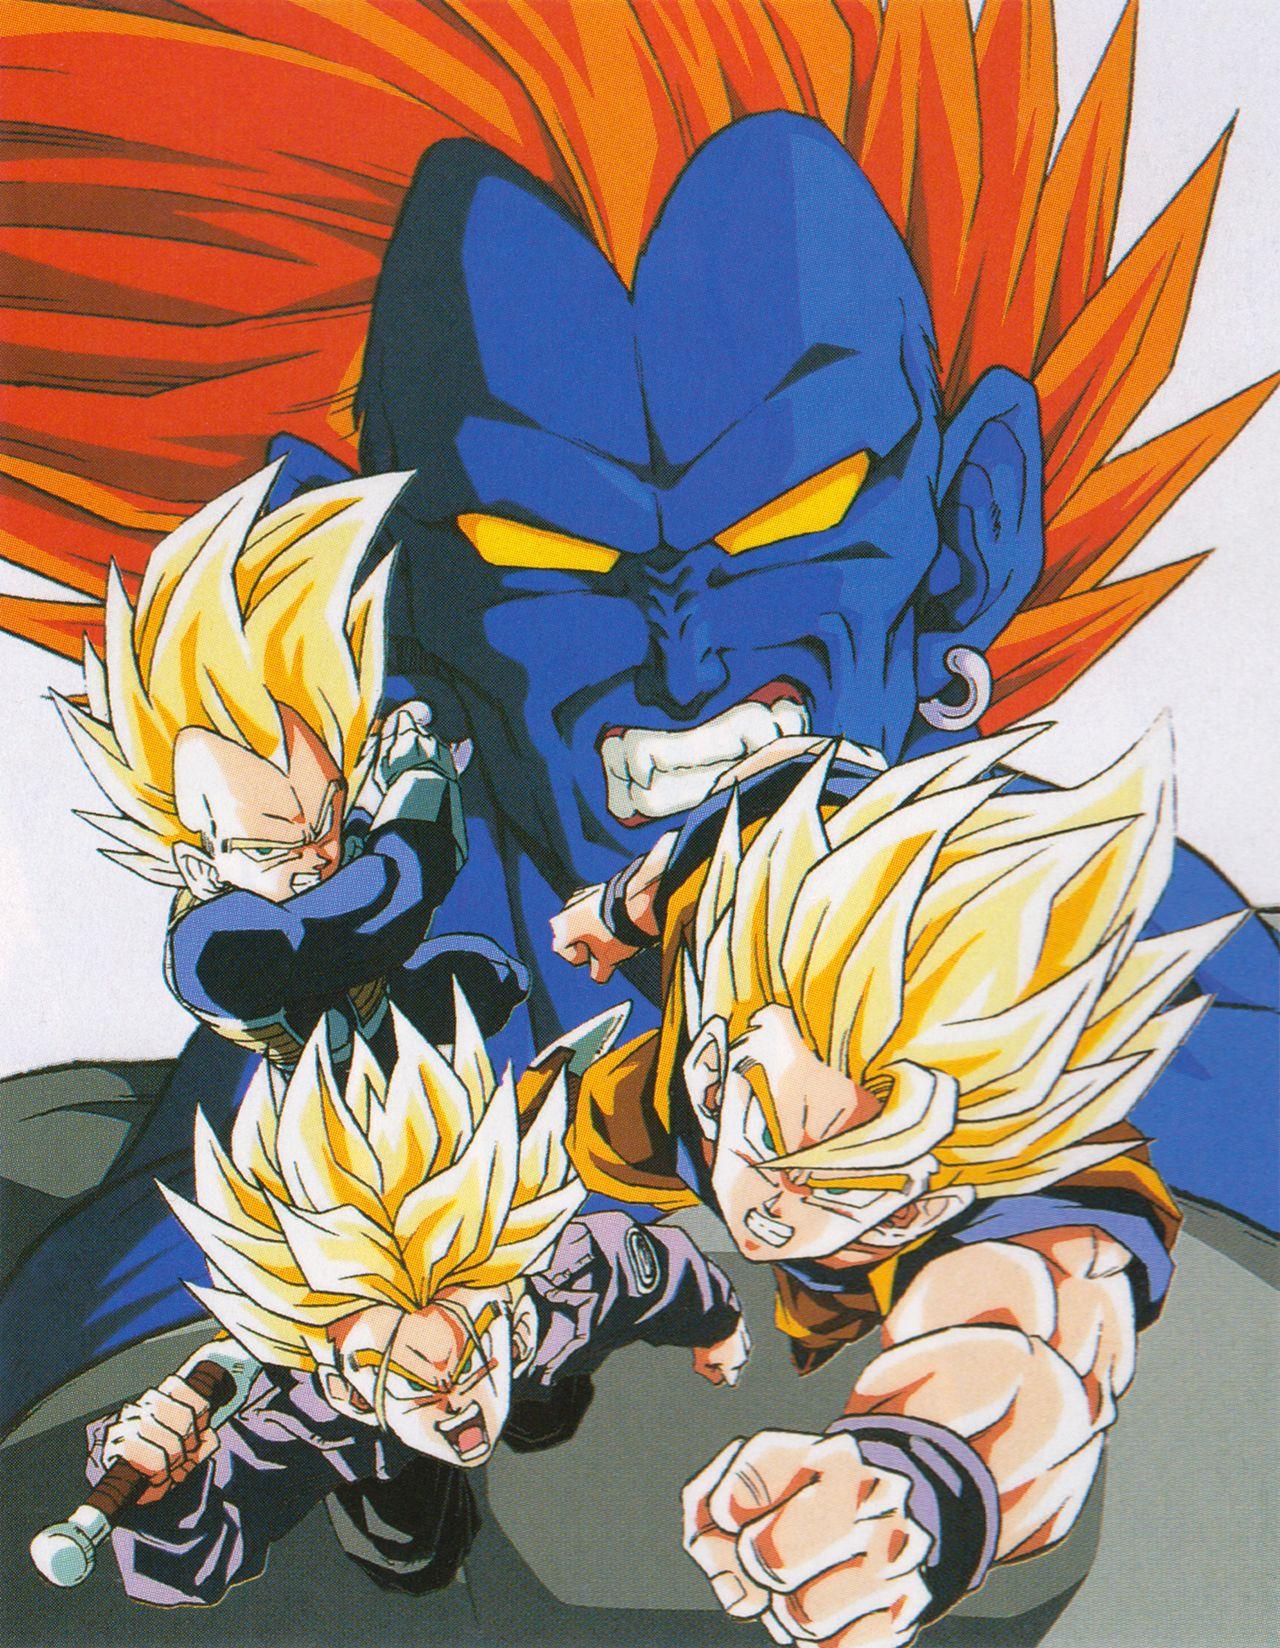 Pin By Adrian Castello On Akira Toriyama Dragon Ball Art Dragon Ball Dragon Ball Z